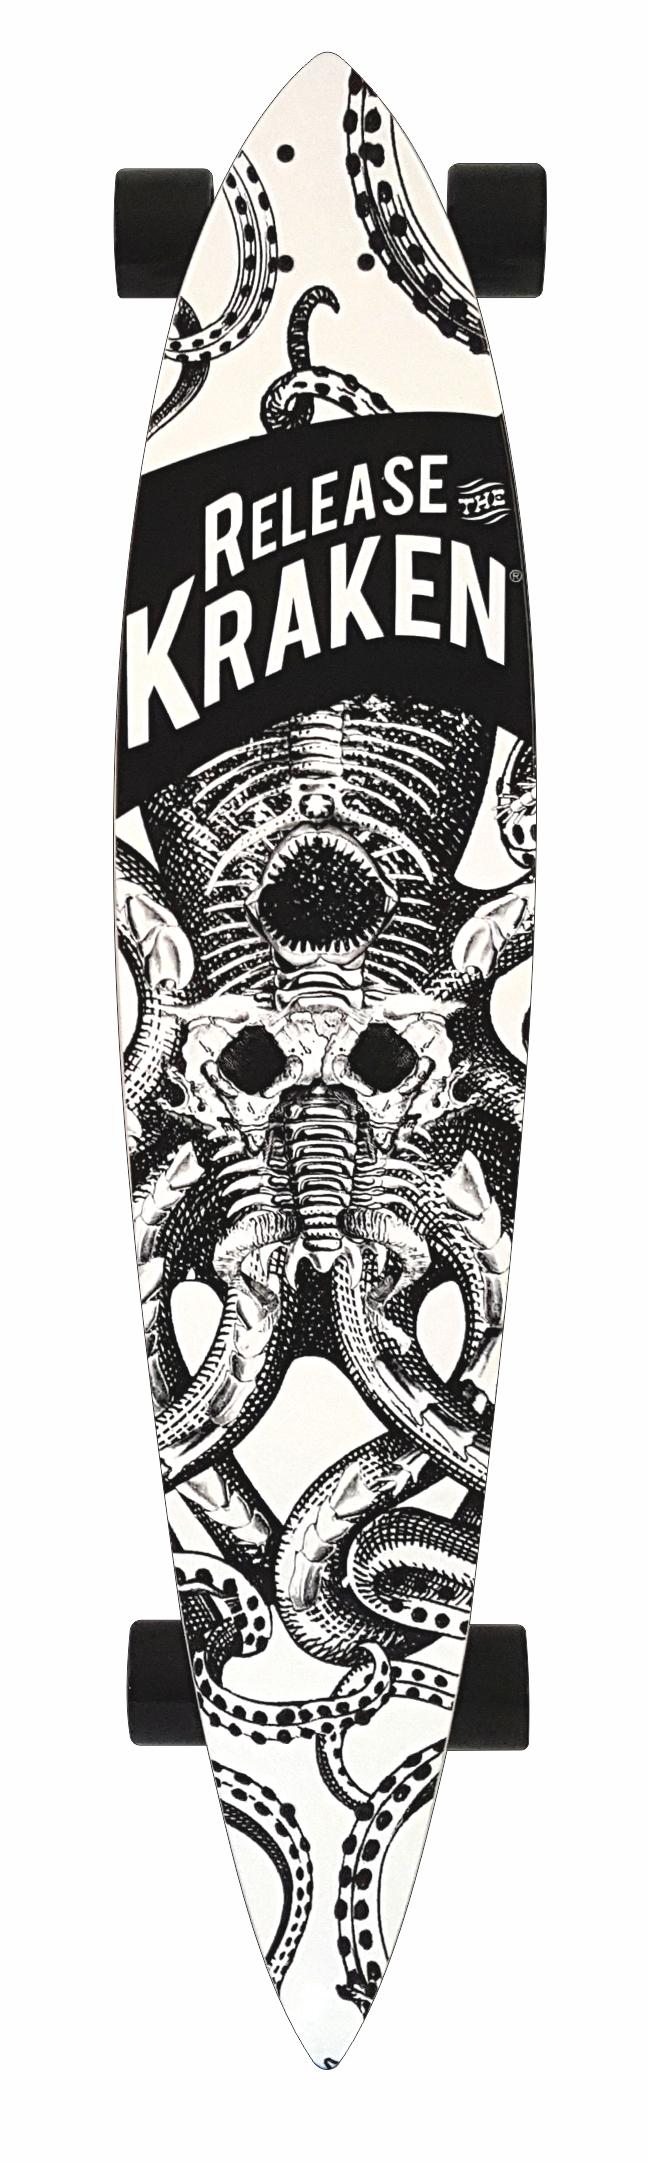 Longboard - Kraken - Top.jpg